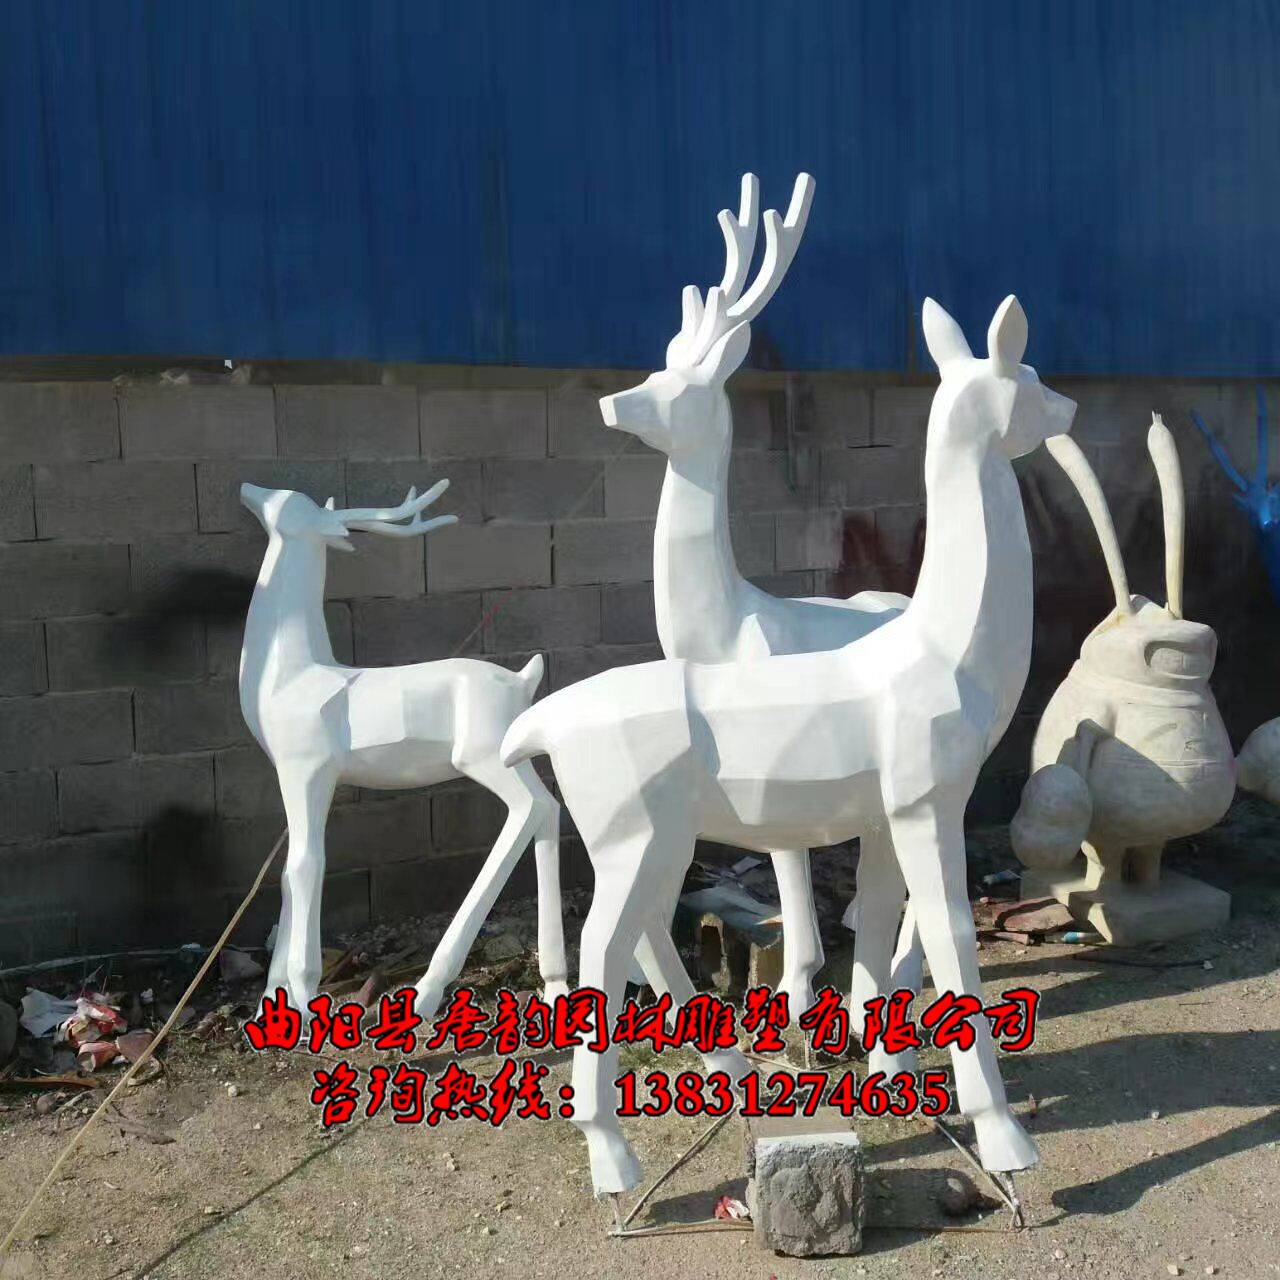 古代人们把鹿视为神物,认为它能带来吉祥和长寿,老寿星就常以鹤鹿为伴,在历代壁画、绘画、雕塑中都有鹿的身影,而且数量很多,千姿百态,拥有深厚的生活气息和艺术美,在如今很多的城市广场、公园甚至商铺都很容易看到鹿的雕塑,表达了人们向往美好和企盼财运的愿望。 我公司生产的玻璃钢几何切面鹿雕塑是一件精心制作的艺术品,日复一日的加班加点只为了不留一点点瑕疵,优雅动人、形体流畅,意在留住人们的目光,带来欣赏和财运。 也许我们的几何切面鹿尺寸不适合您的要求,也许款式也满足不了您的需求,这些都没关系,我公司支持来图定制,不